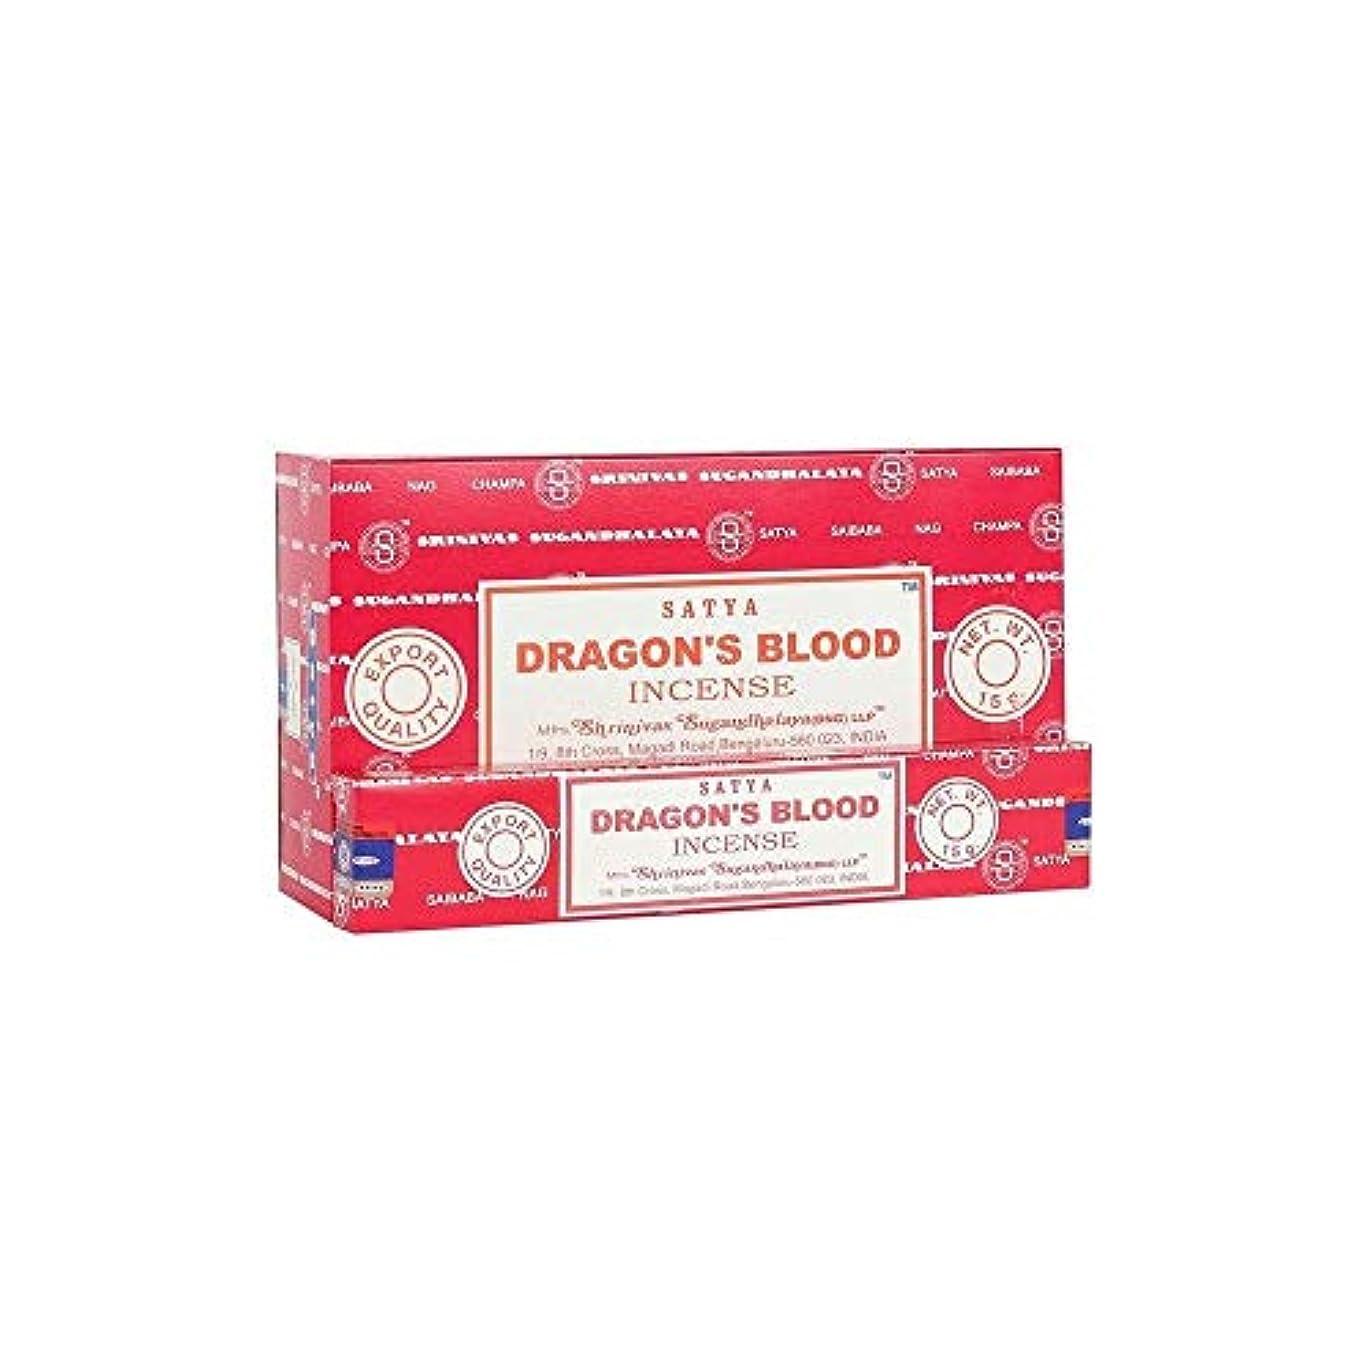 満員オール以降Satya Nag Champa Dragon's Blood お香スティック Agarbatti 180グラムボックス | 15グラム入り12パック 箱入り | 輸出品質